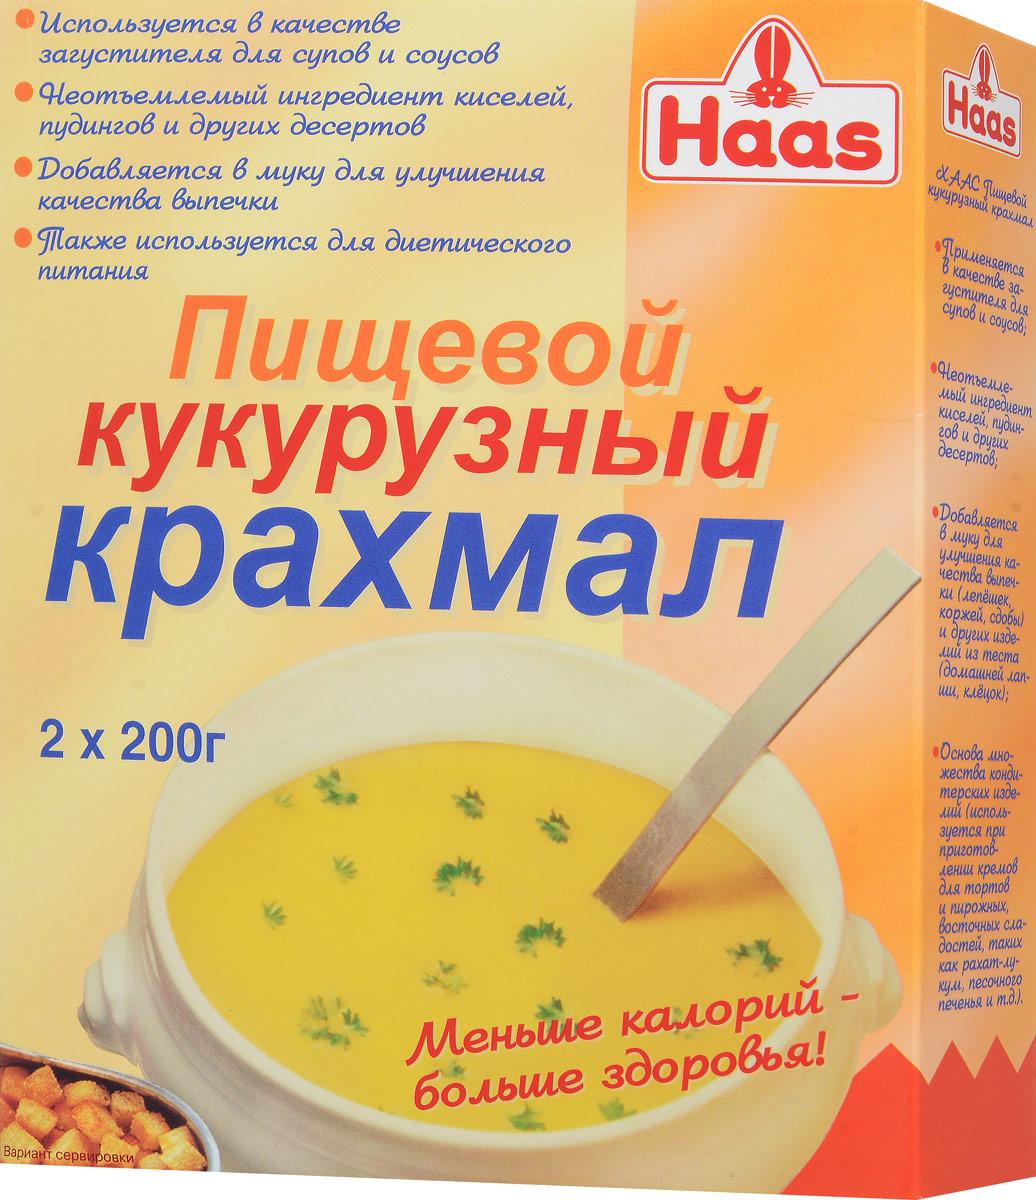 Haas кукурузный крахмал, 400 г домашние вареники пельмени лапша лазанья галушки и другие вкусности